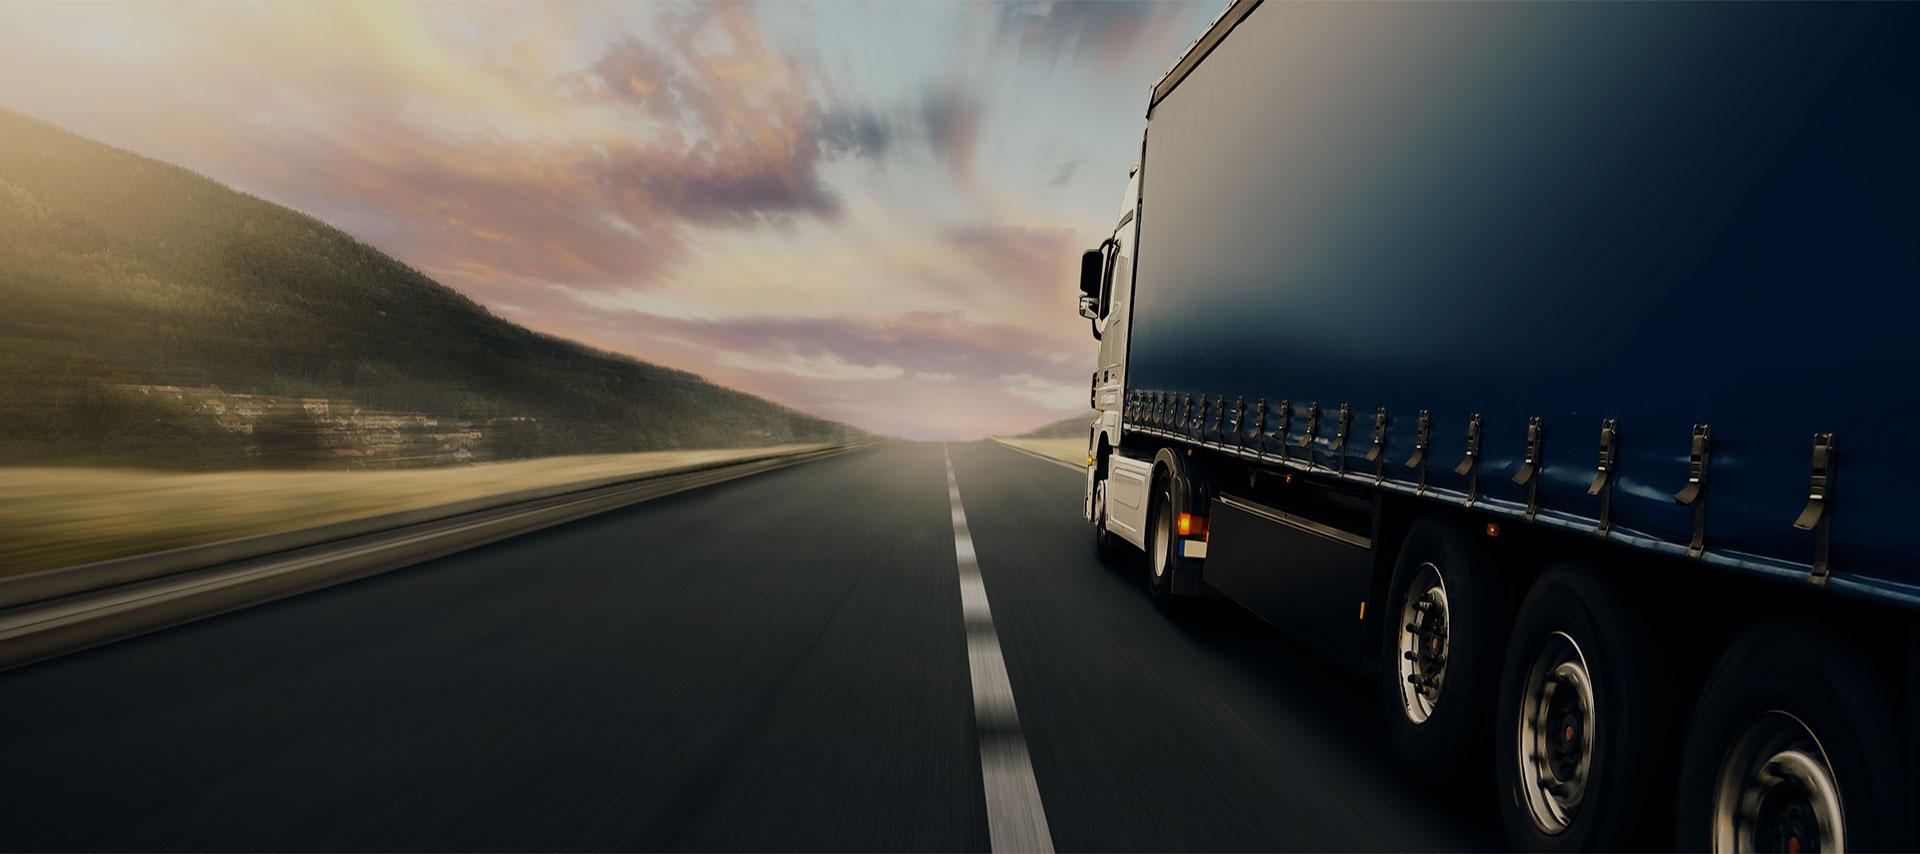 http://pixel-industry.com/html/trucking/img/slider/slide01.jpg